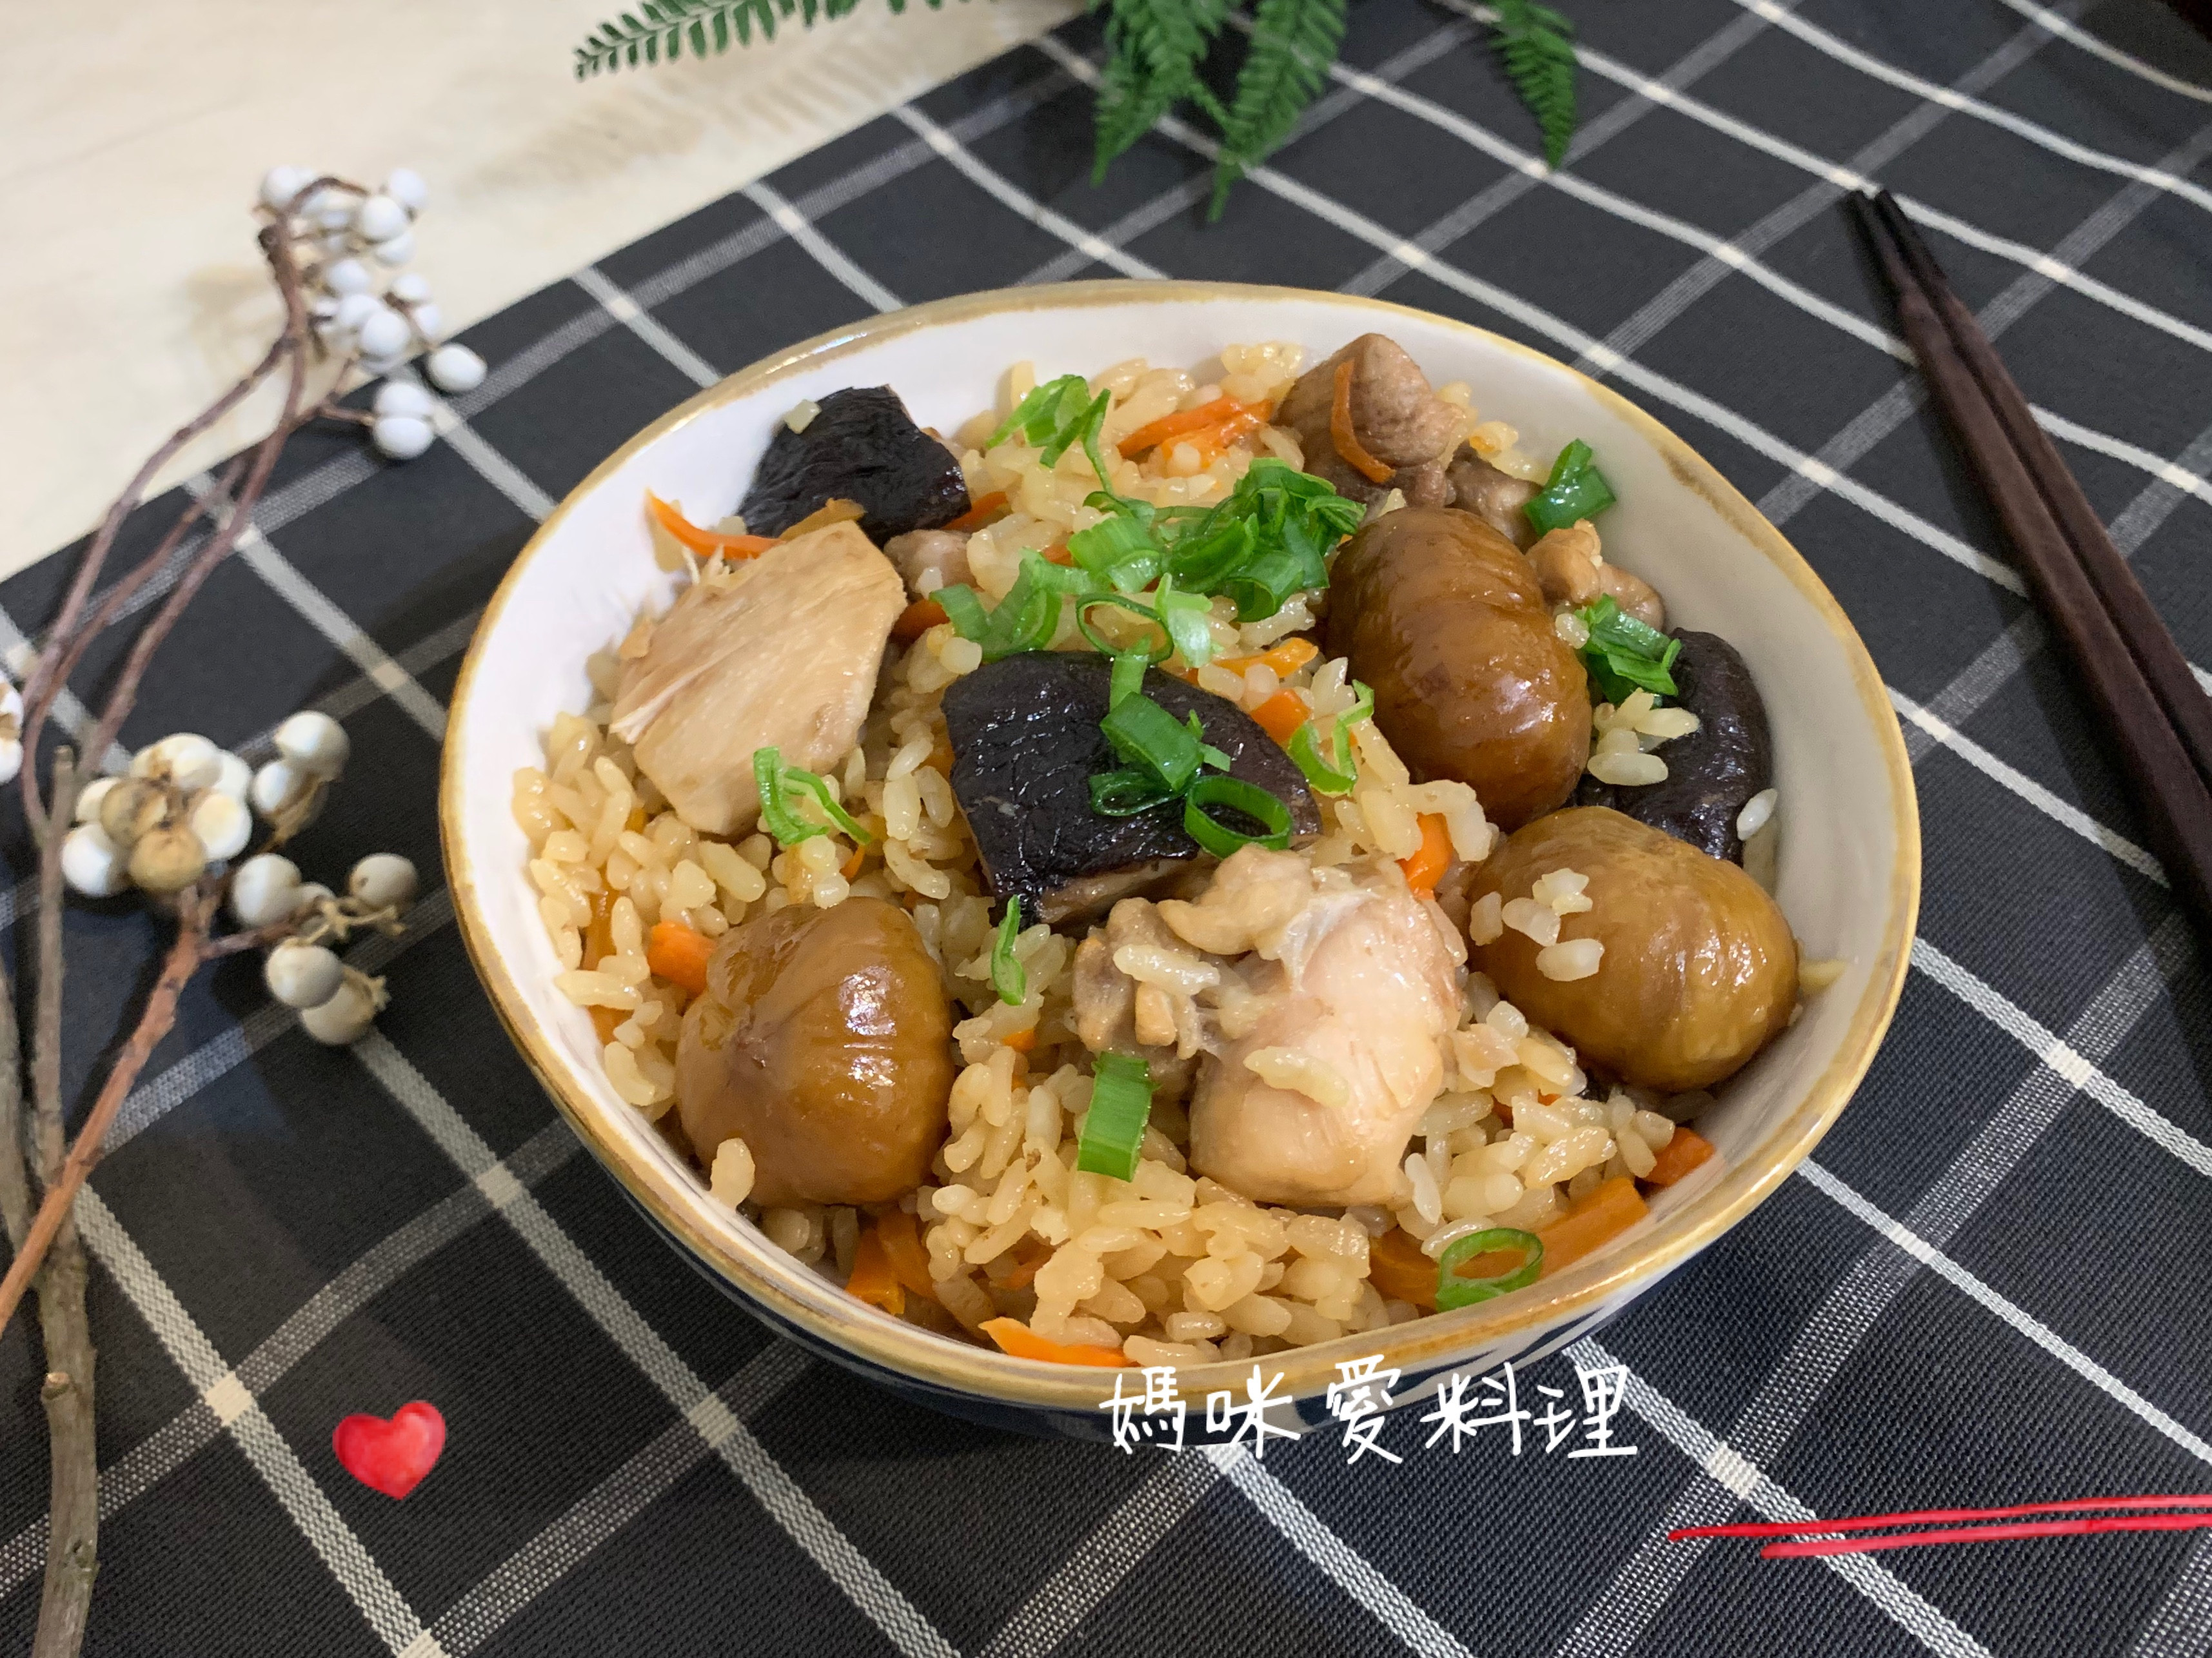 栗子雞炊飯